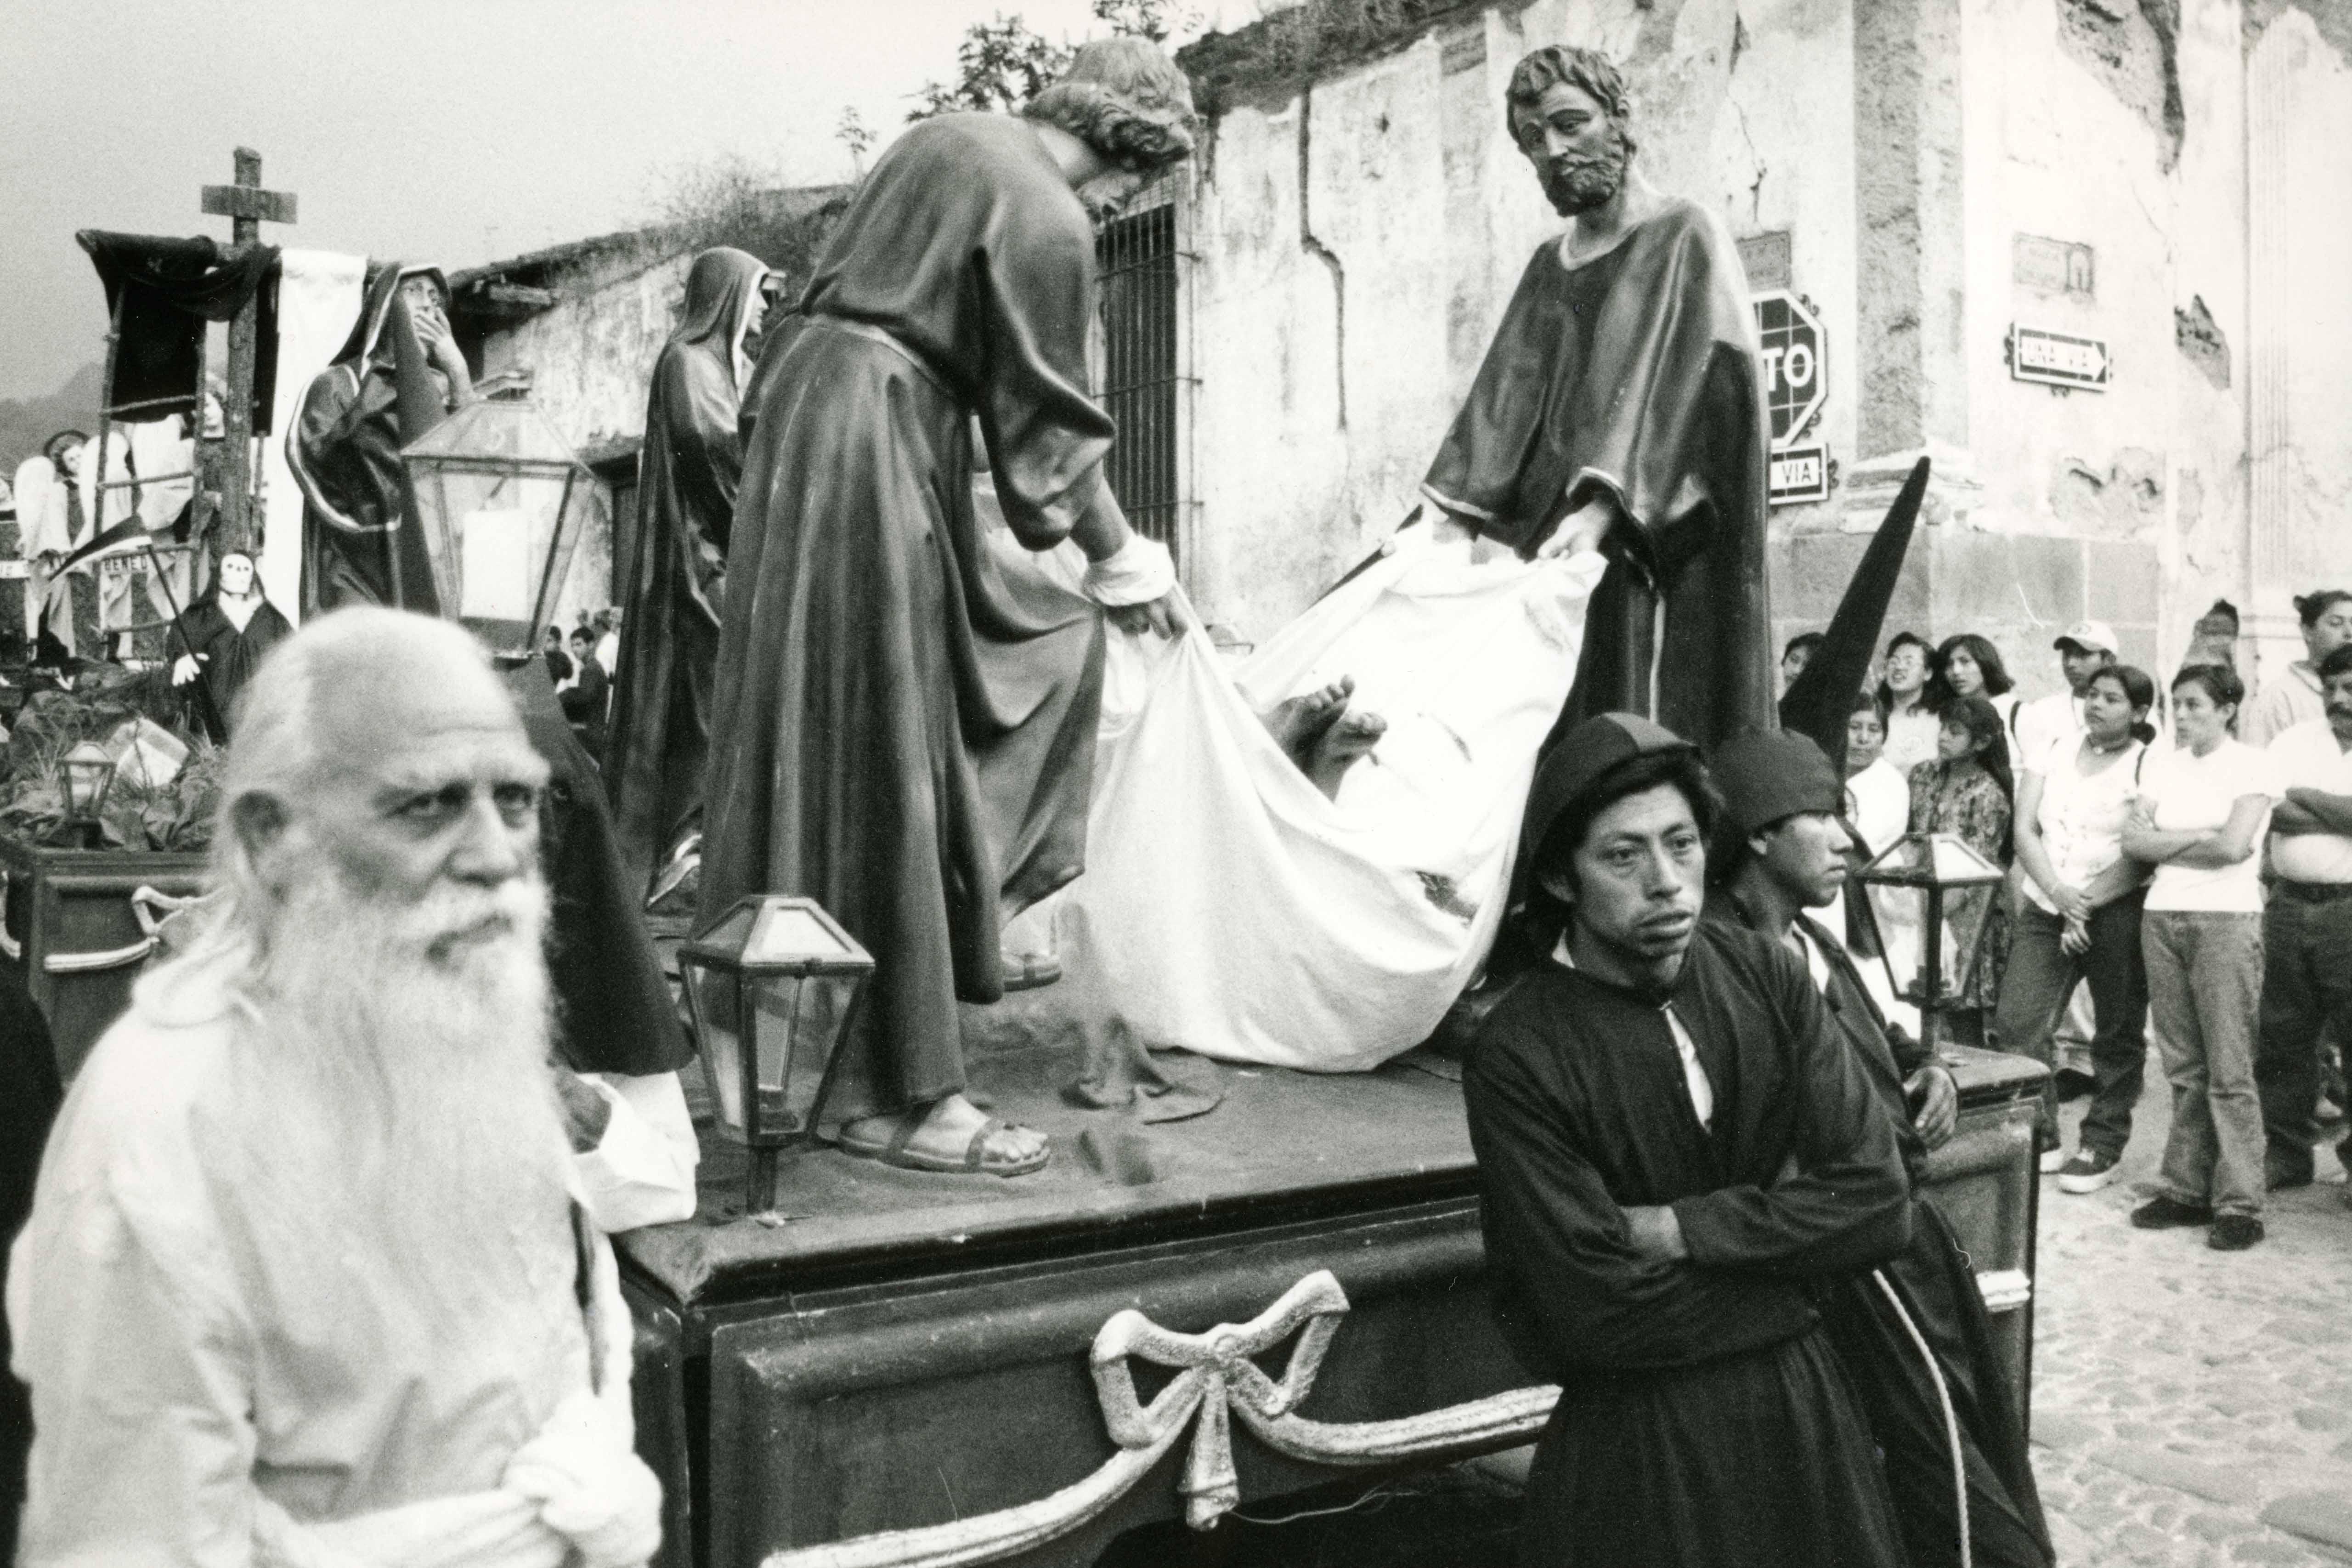 Still from the film Neue Welten — Gott und die Beladenen (2000 Jahre Christentum, Episode 9)